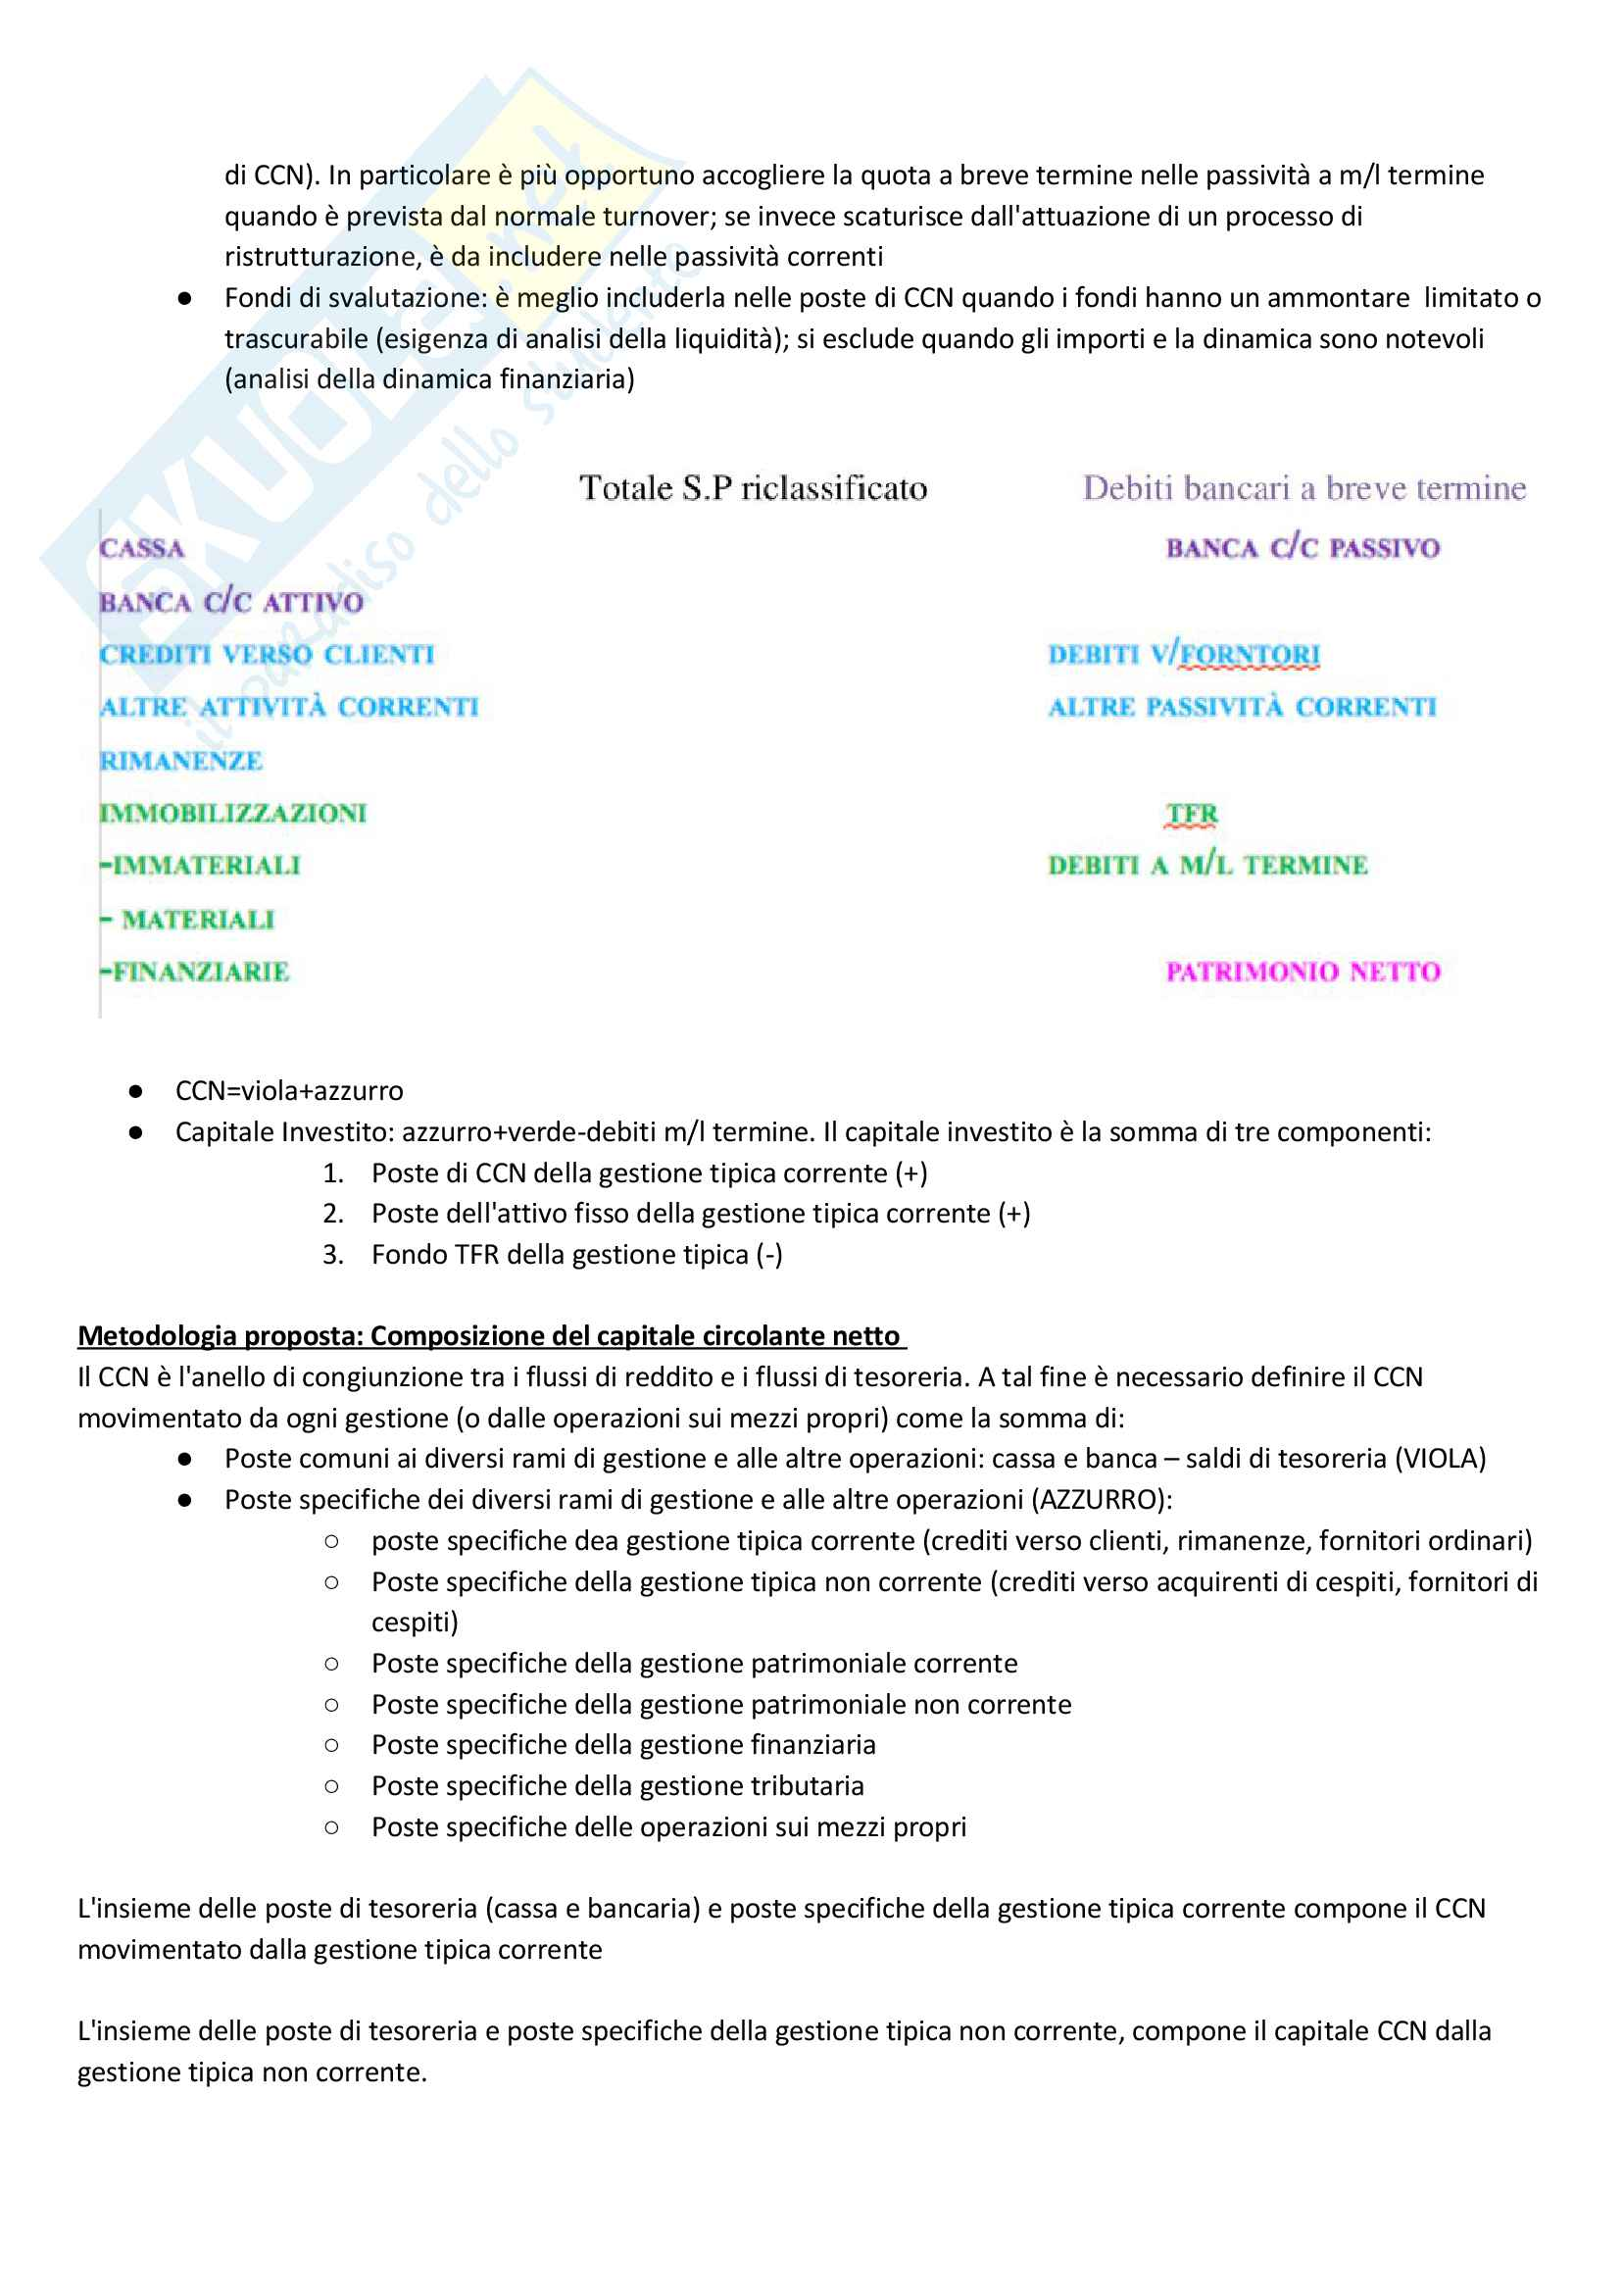 Apppunti di Metodologie 2 (bilancio consolidato e analisi di bilancio) + temi d'esame svolti Pag. 41